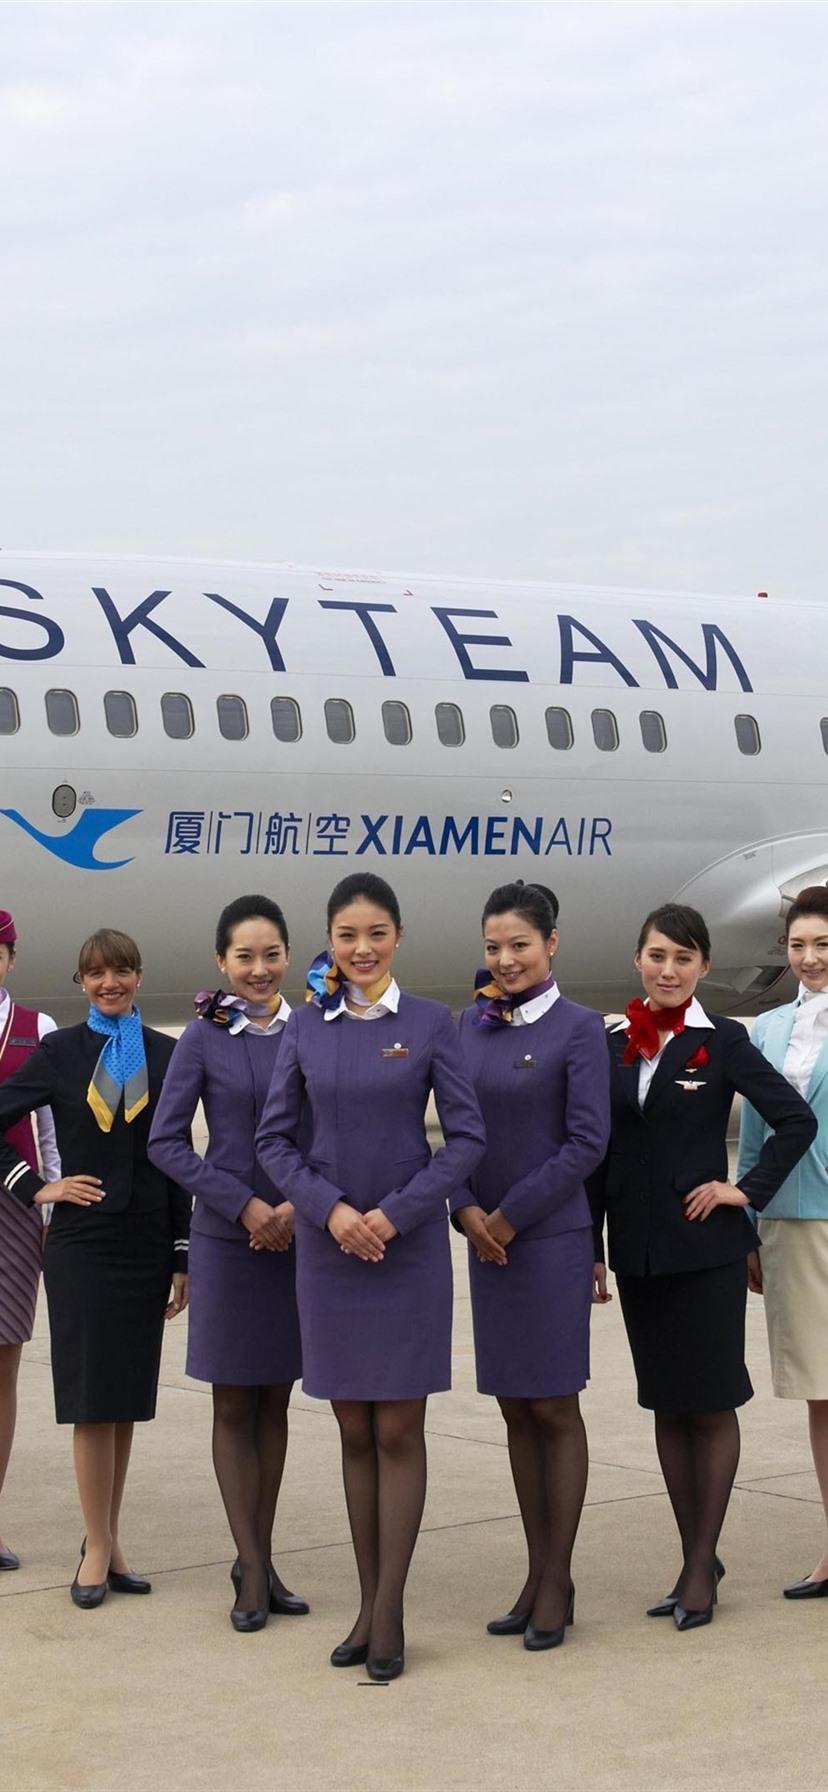 壁纸 厦门航空,机场,飞机,女孩,空姐 3840x2160 UHD 4K 高清壁纸, 图片, 照片